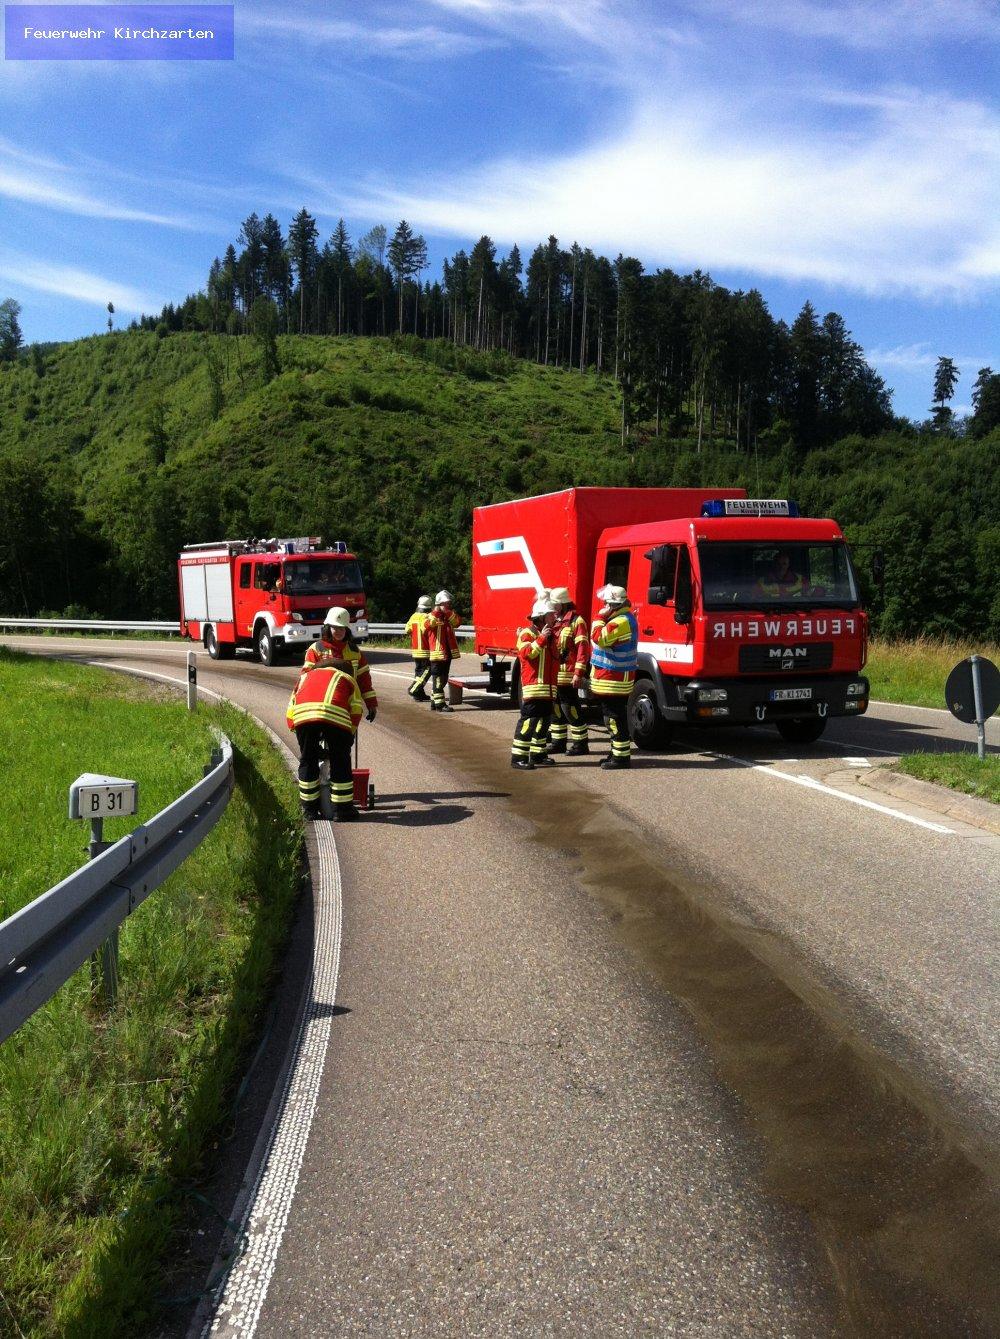 Hilfeleistung - H1 vom 21.06.2012  |  Feuerwehr Kirchzarten (2012)